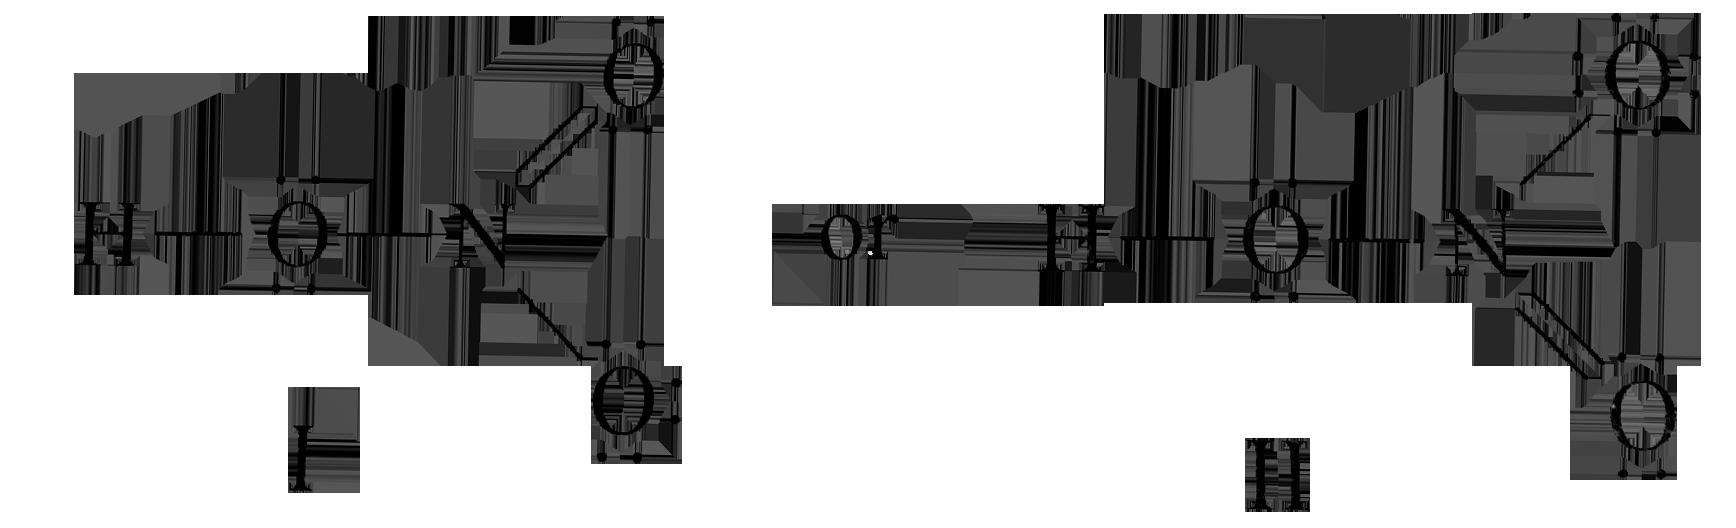 o3 lewis dot diagram o3 lewis dot diagram e27 wiring diagram  o3 lewis dot diagram e27 wiring diagram